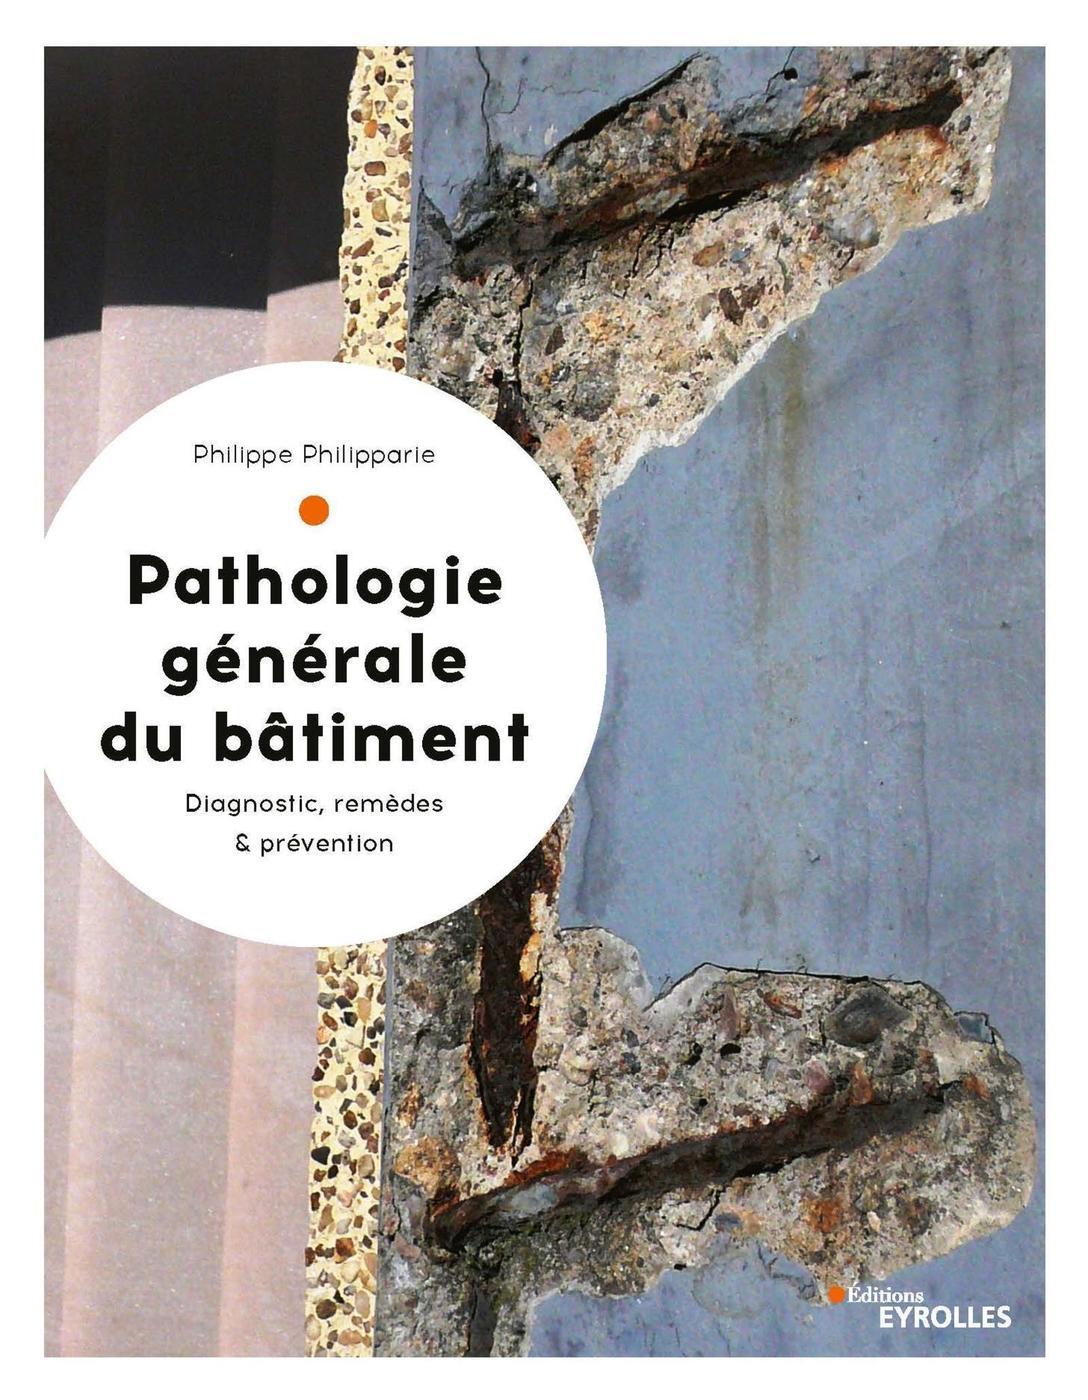 Entreprise Generale De Batiment 77 pathologie générale du bâtiment - p.philipparie - librairie eyrolles